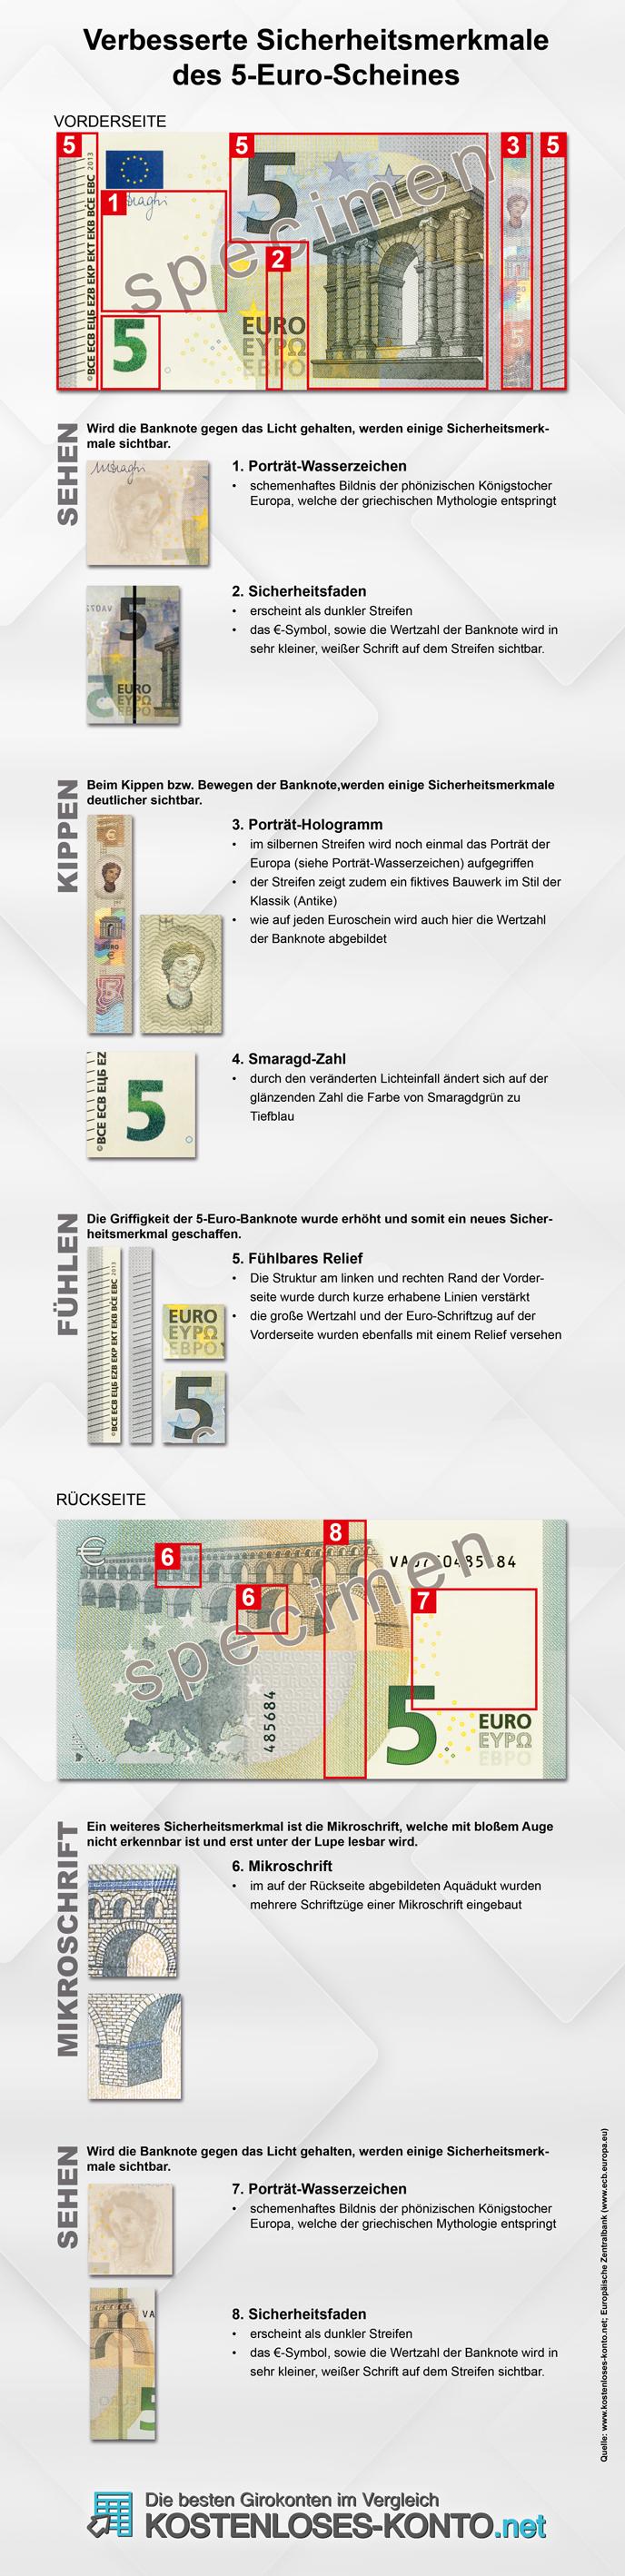 Sicherheitsmerkmale des neuen 5 Euro Scheins